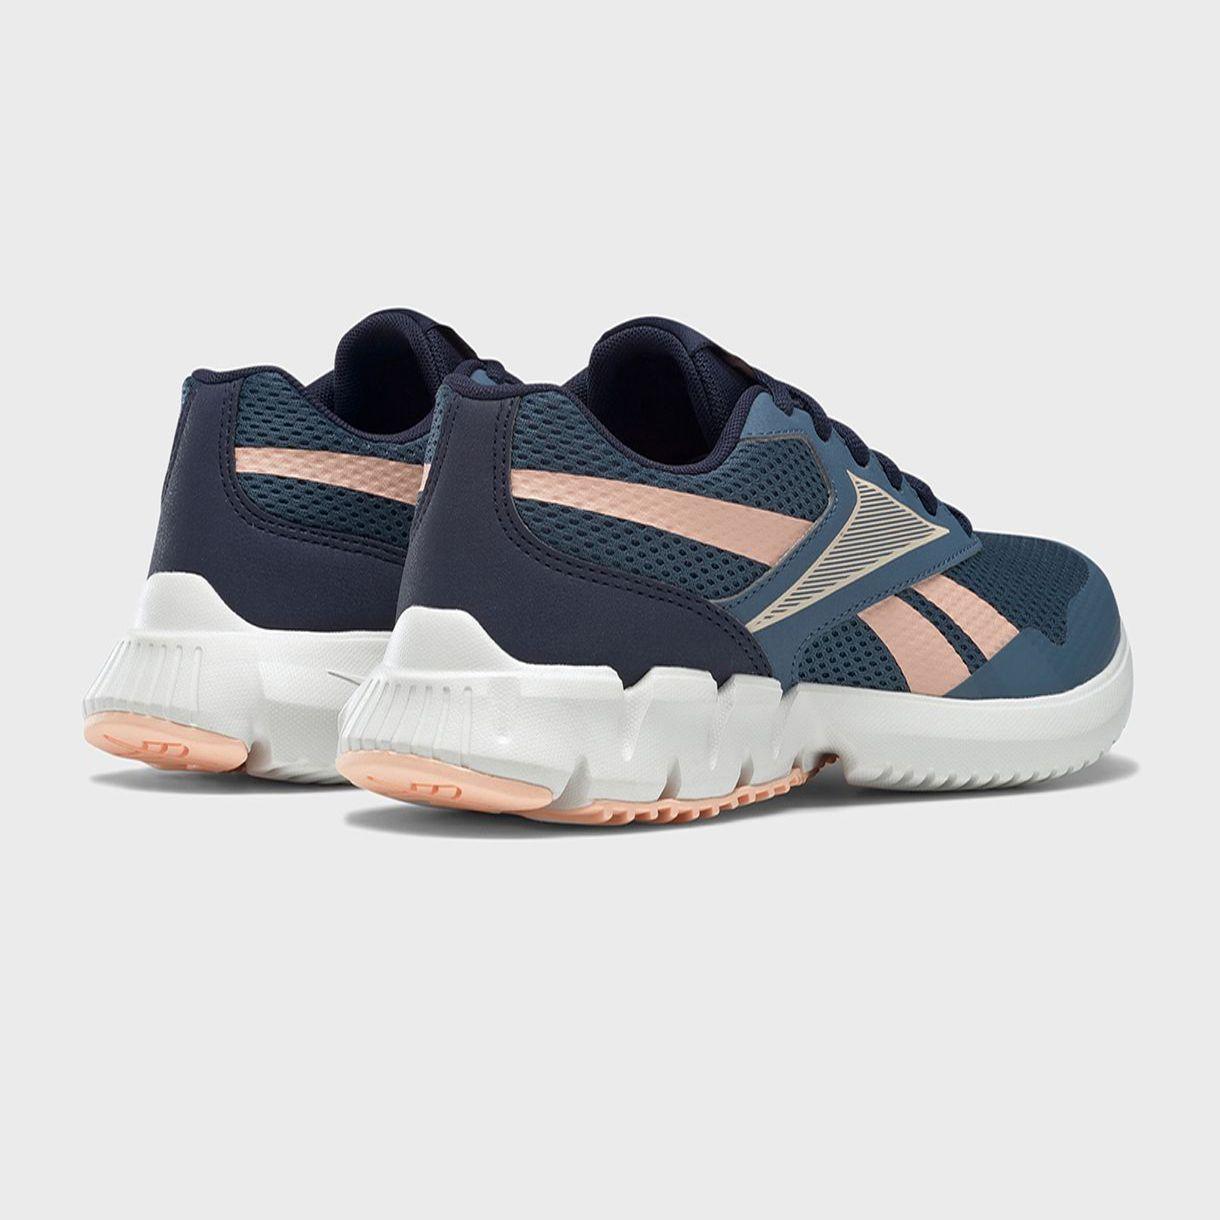 کفش مخصوص دویدن زنانه ریباک مدل G58720 -  - 3